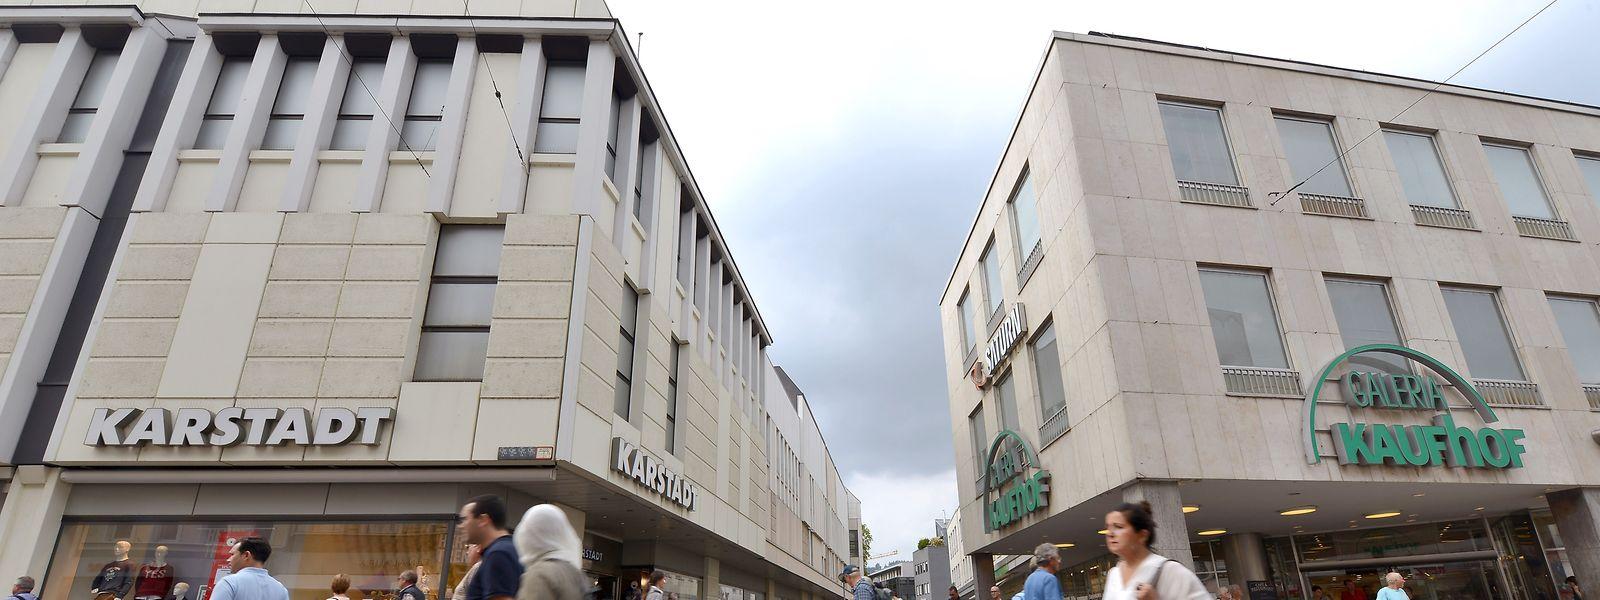 Karstadt und Kaufhof standen sich in Trier schon immer nah.